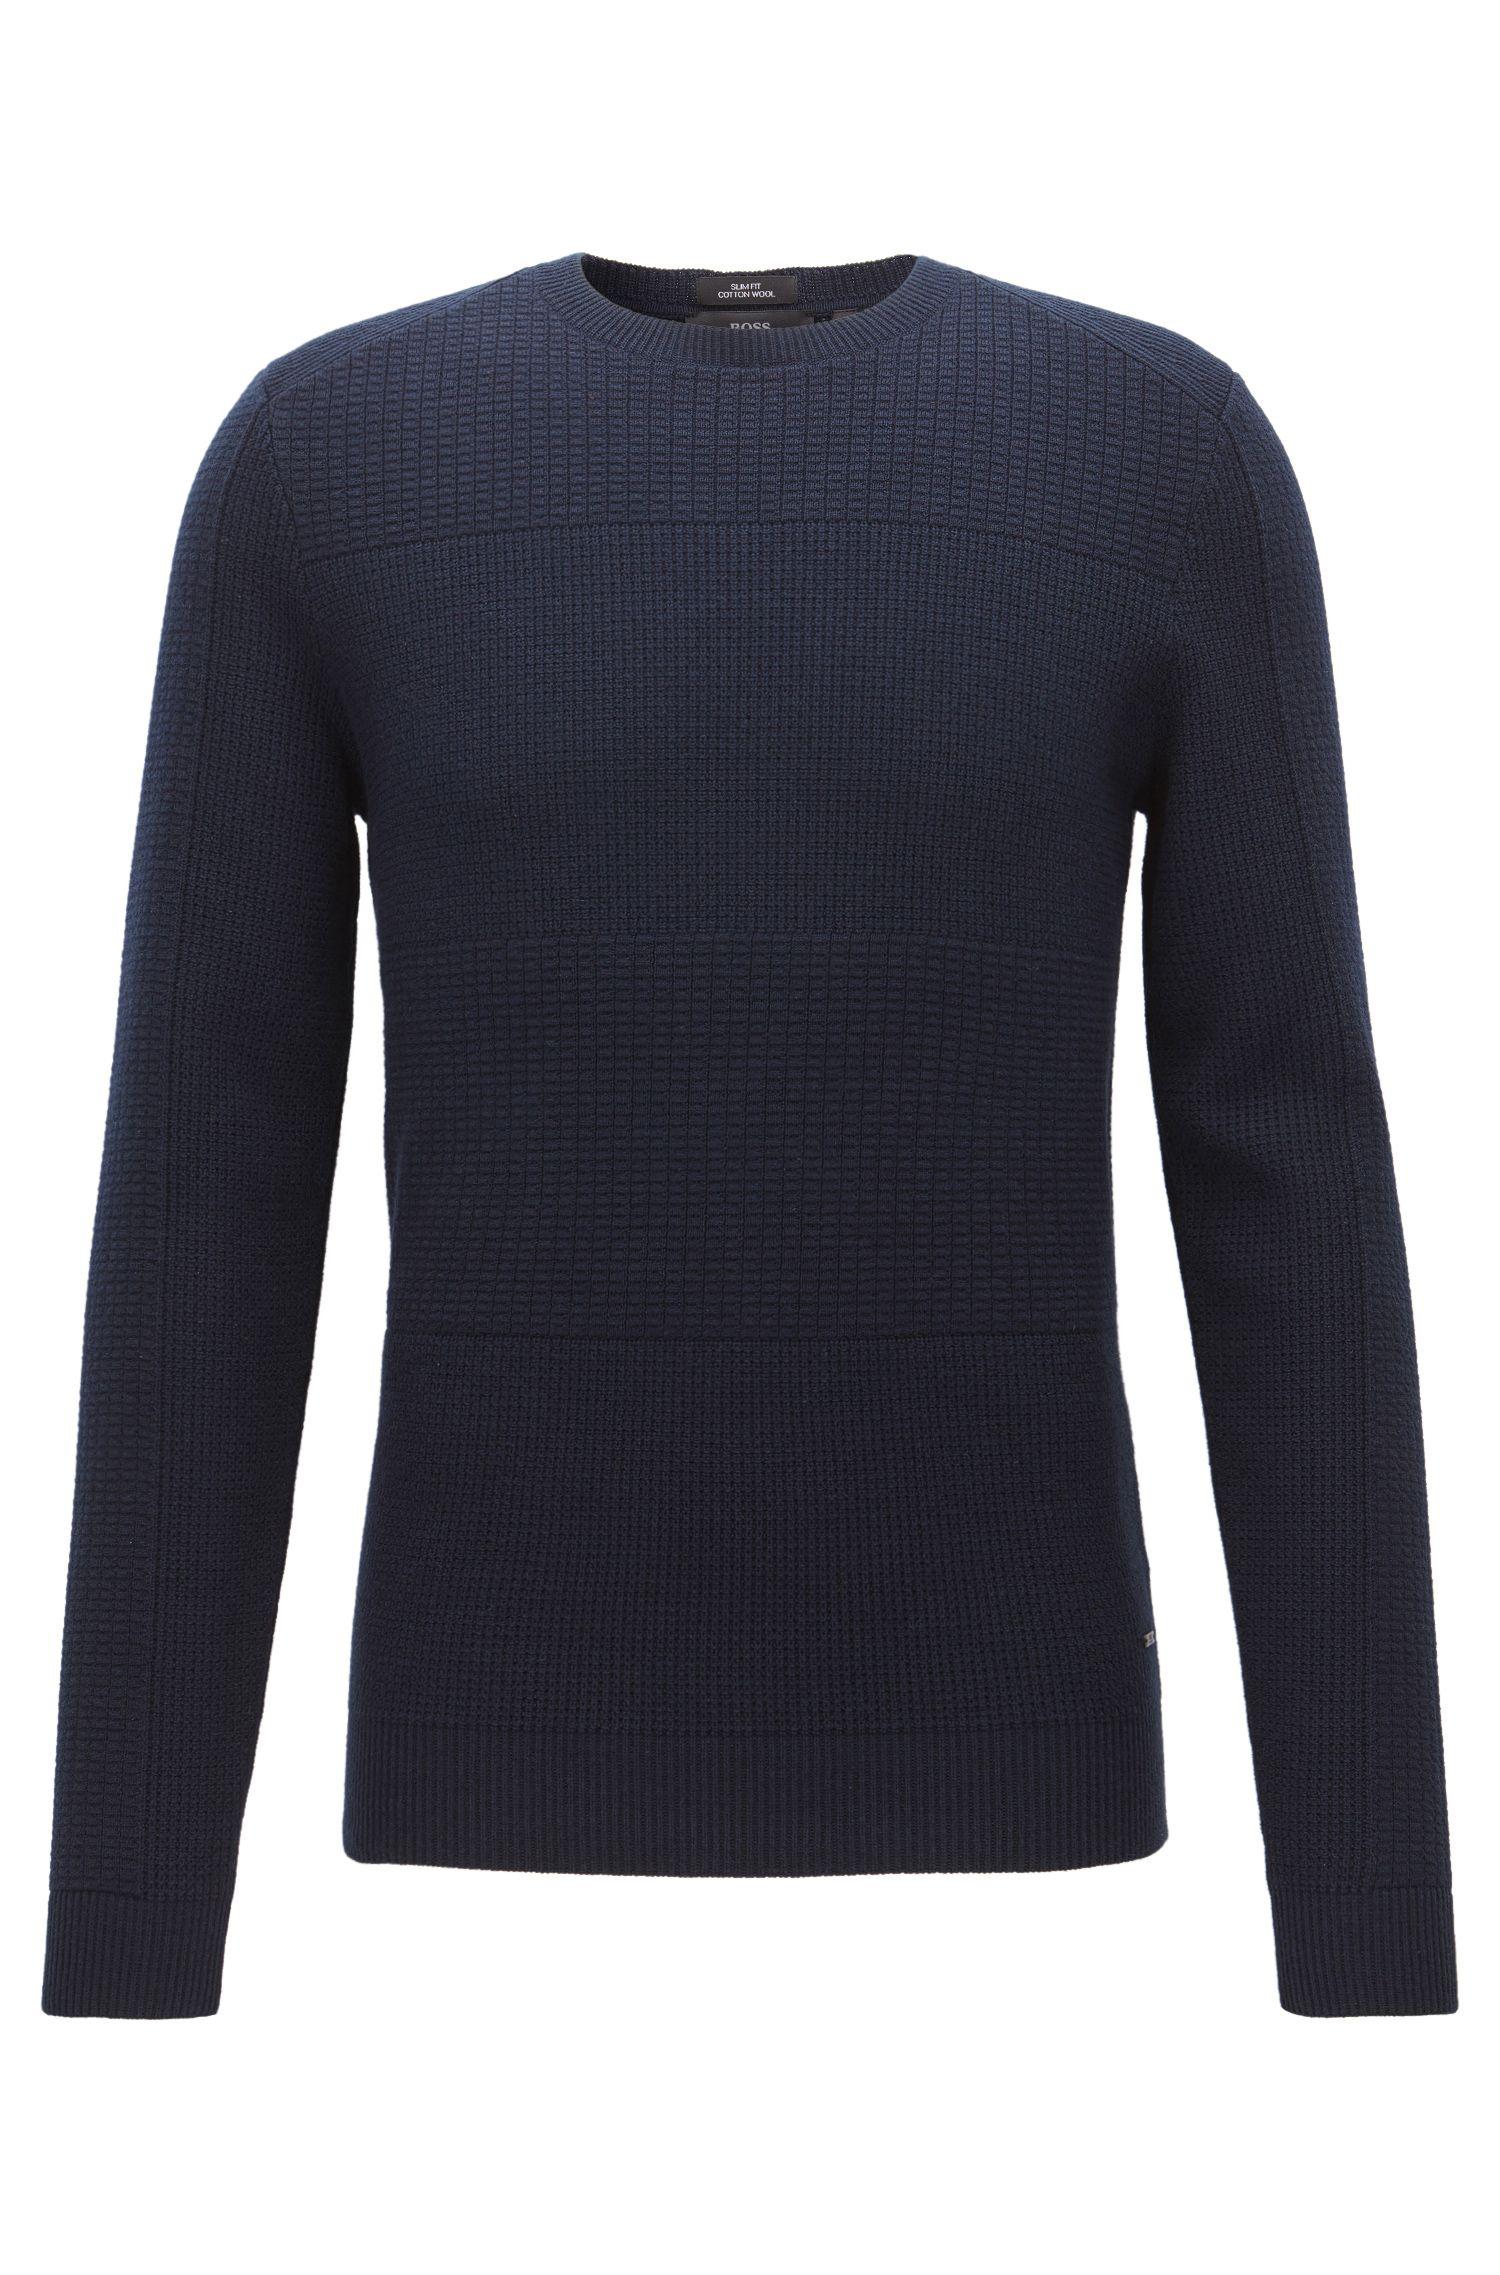 Maglione con lavorazione mista in misto cotone-lana